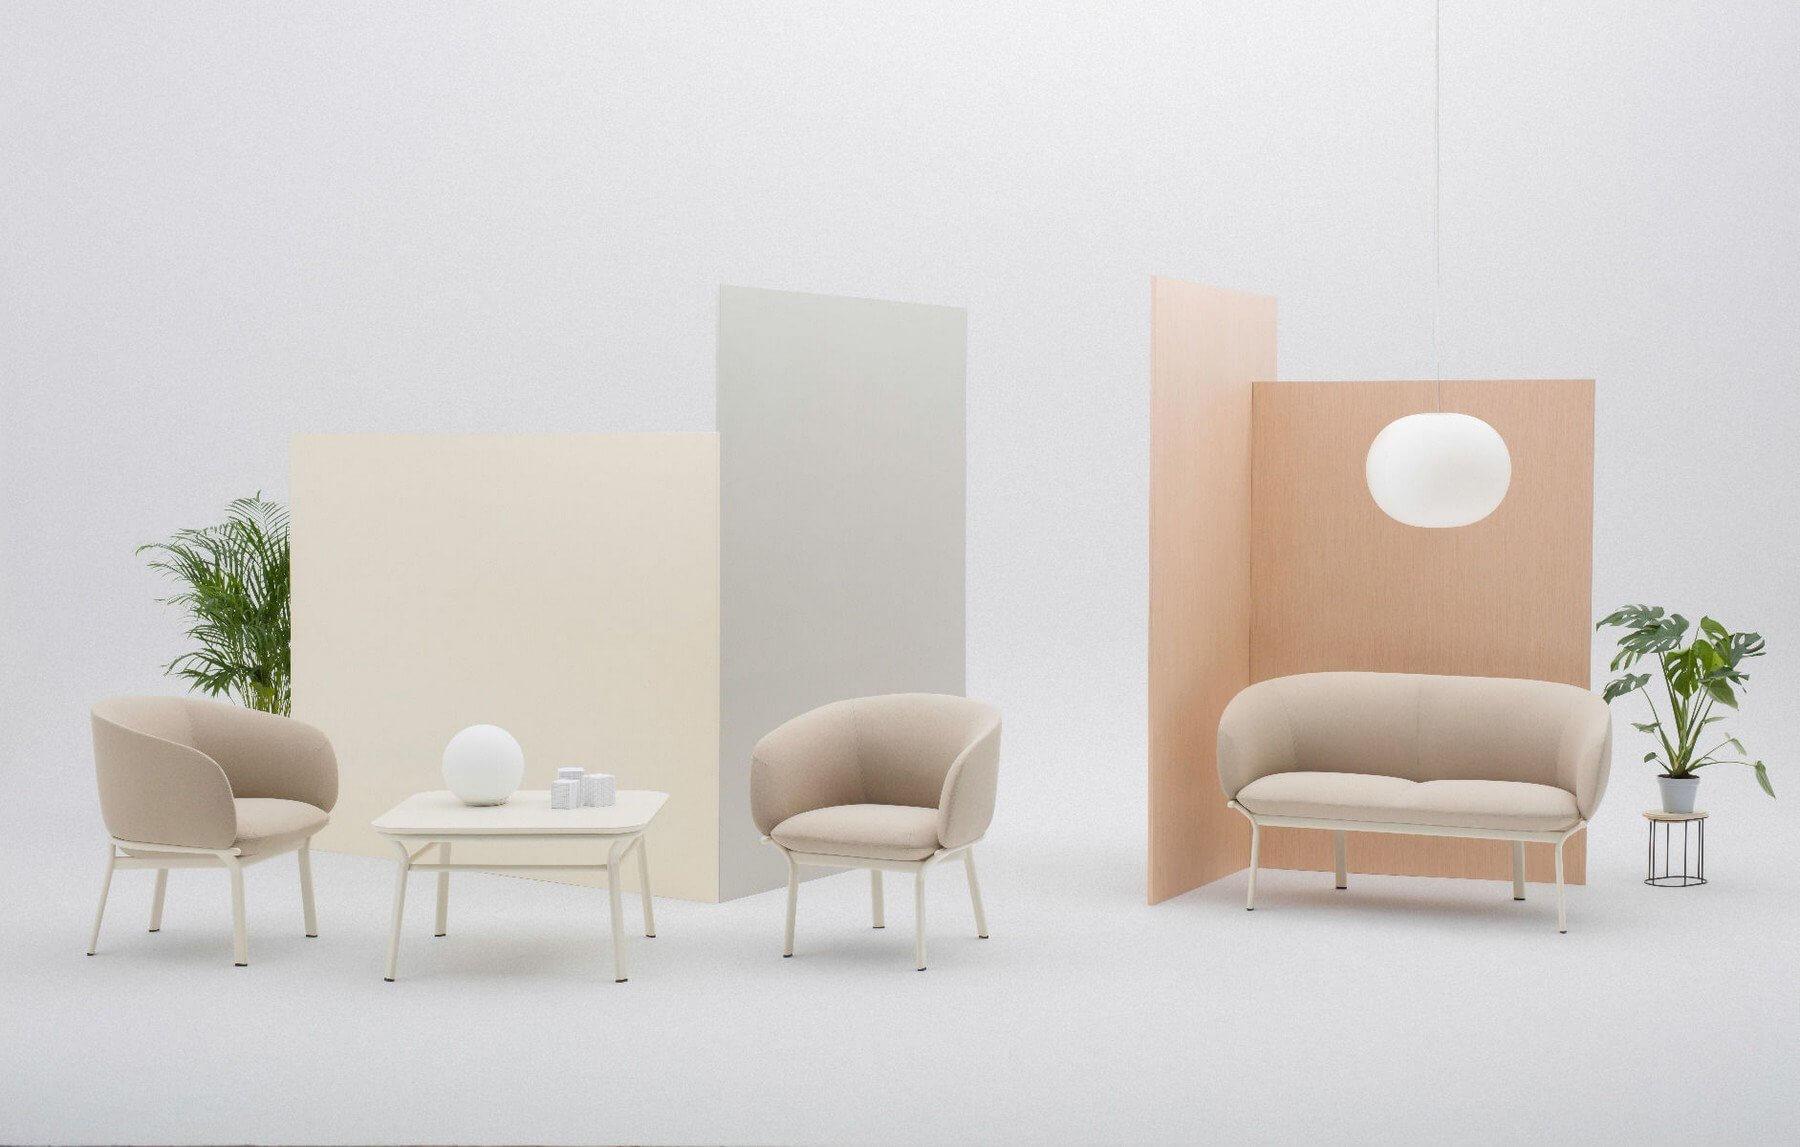 Mobilier lounge design économique